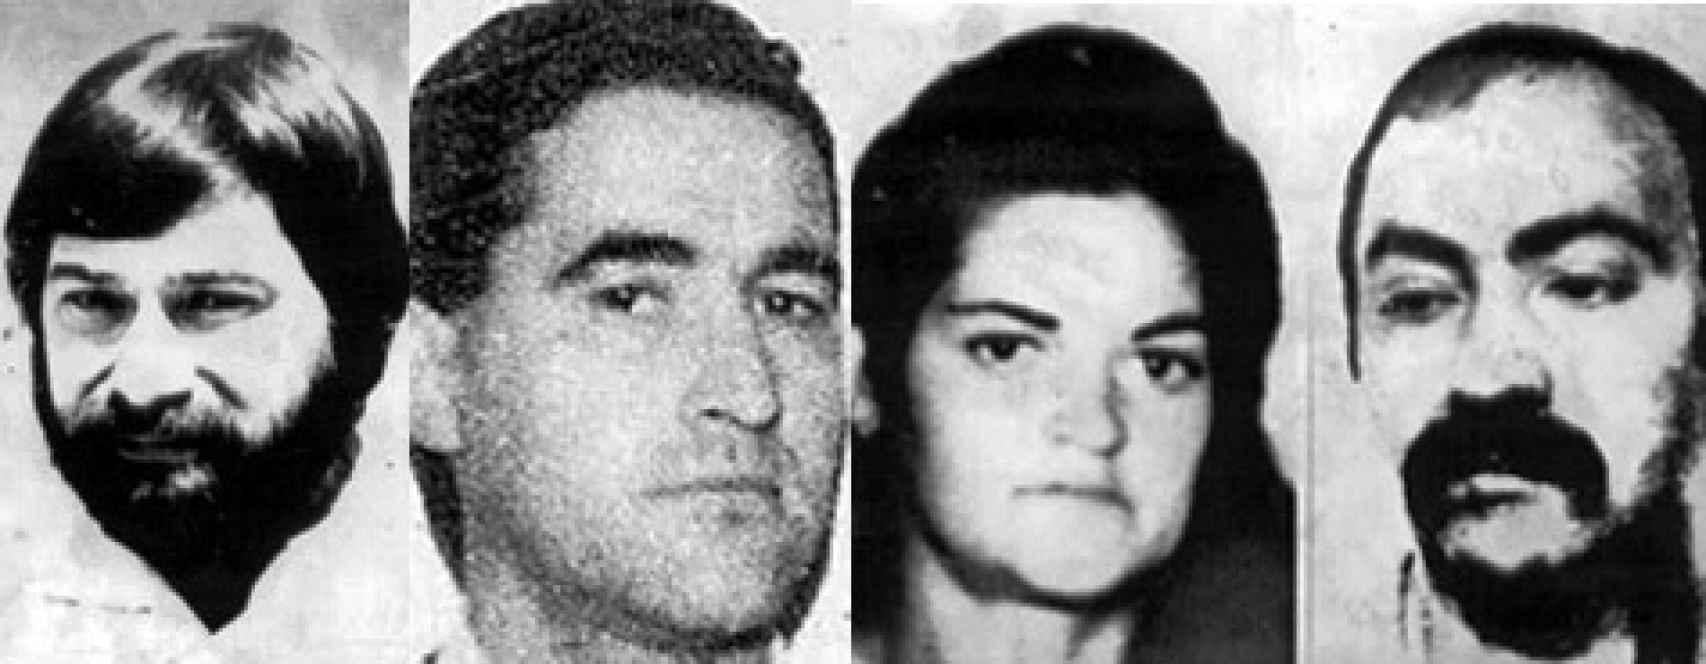 Santiago Arróspide, Domingo Troitiño, Mercedes Ernaga y Rafael Caride.